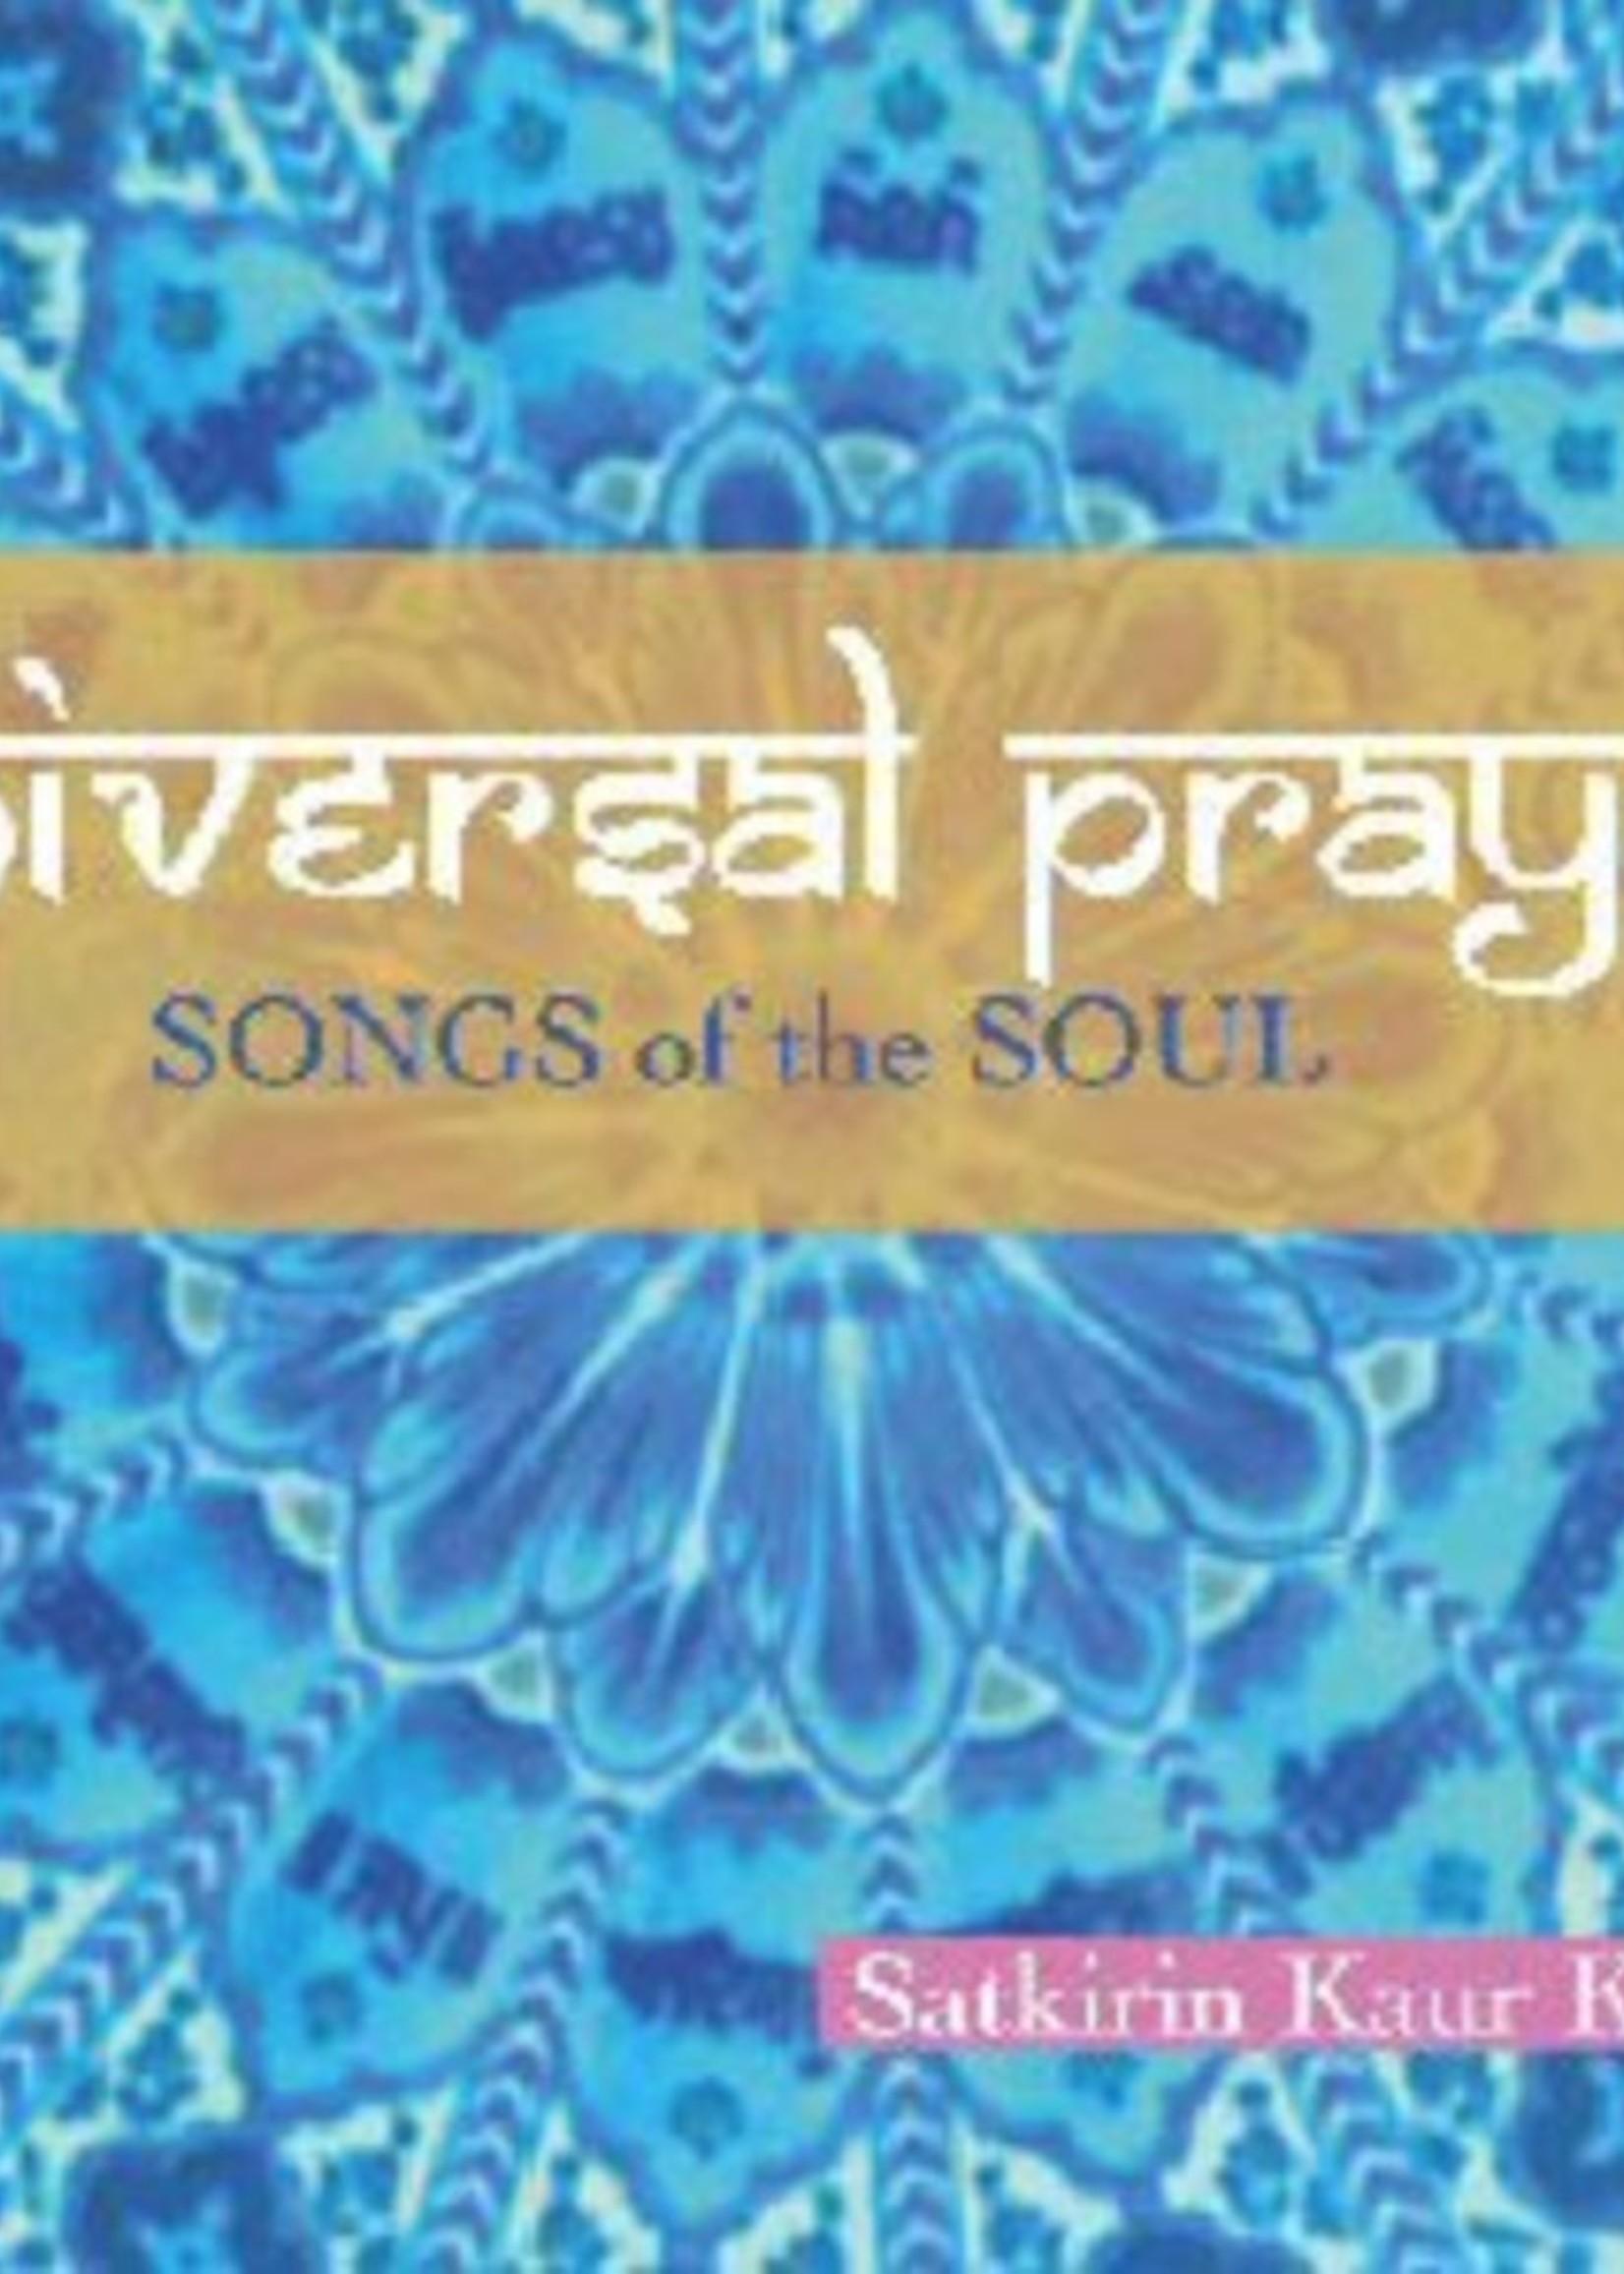 Satkirin Kaur Khalsa Universal Prayer